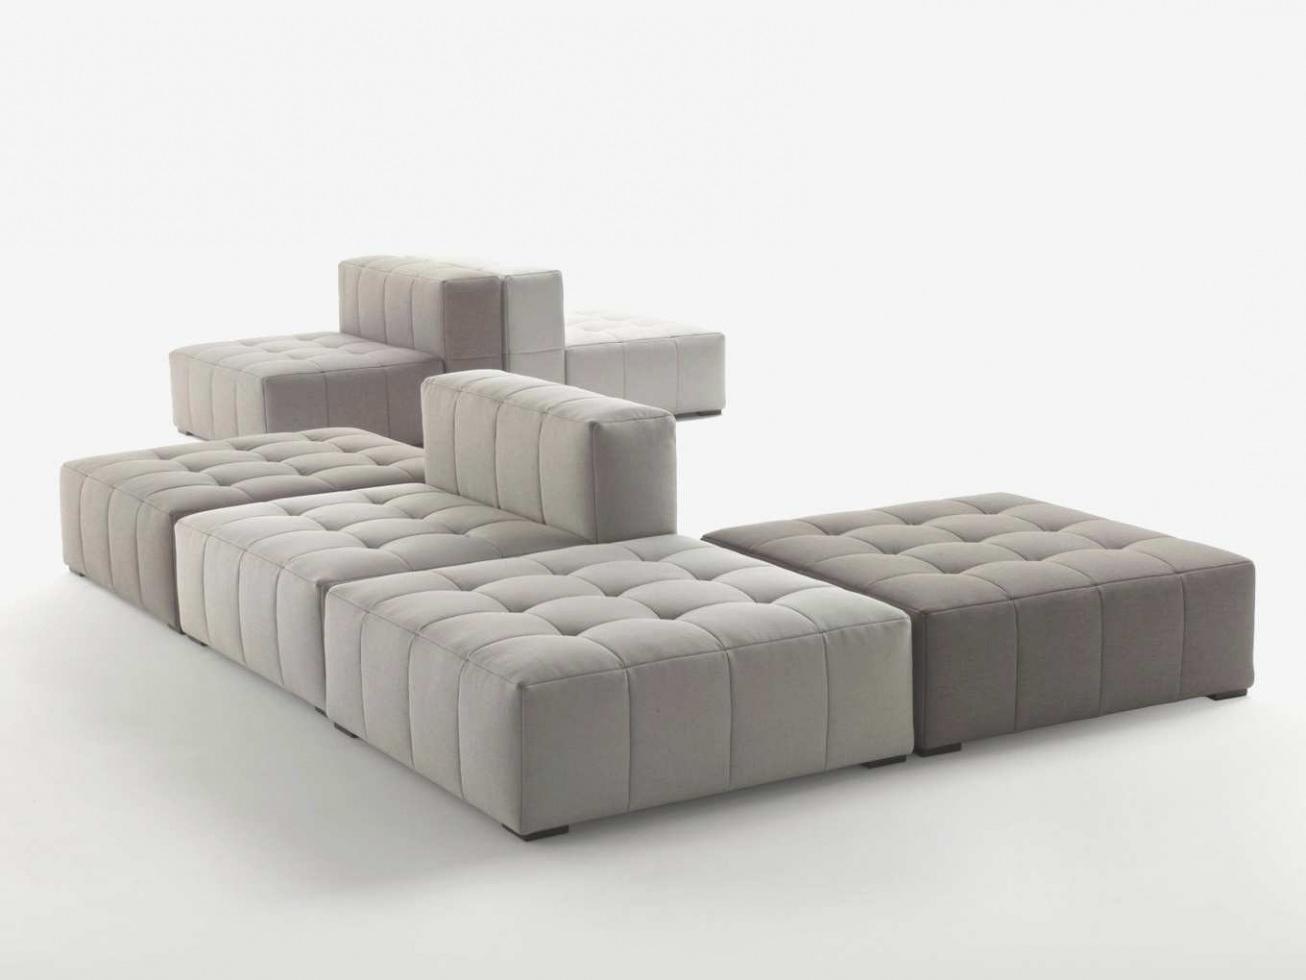 Ikea sofas Modulares X8d1 Elegante sofa Modular Ikea sofas Sectional Ikea Intended for sofas